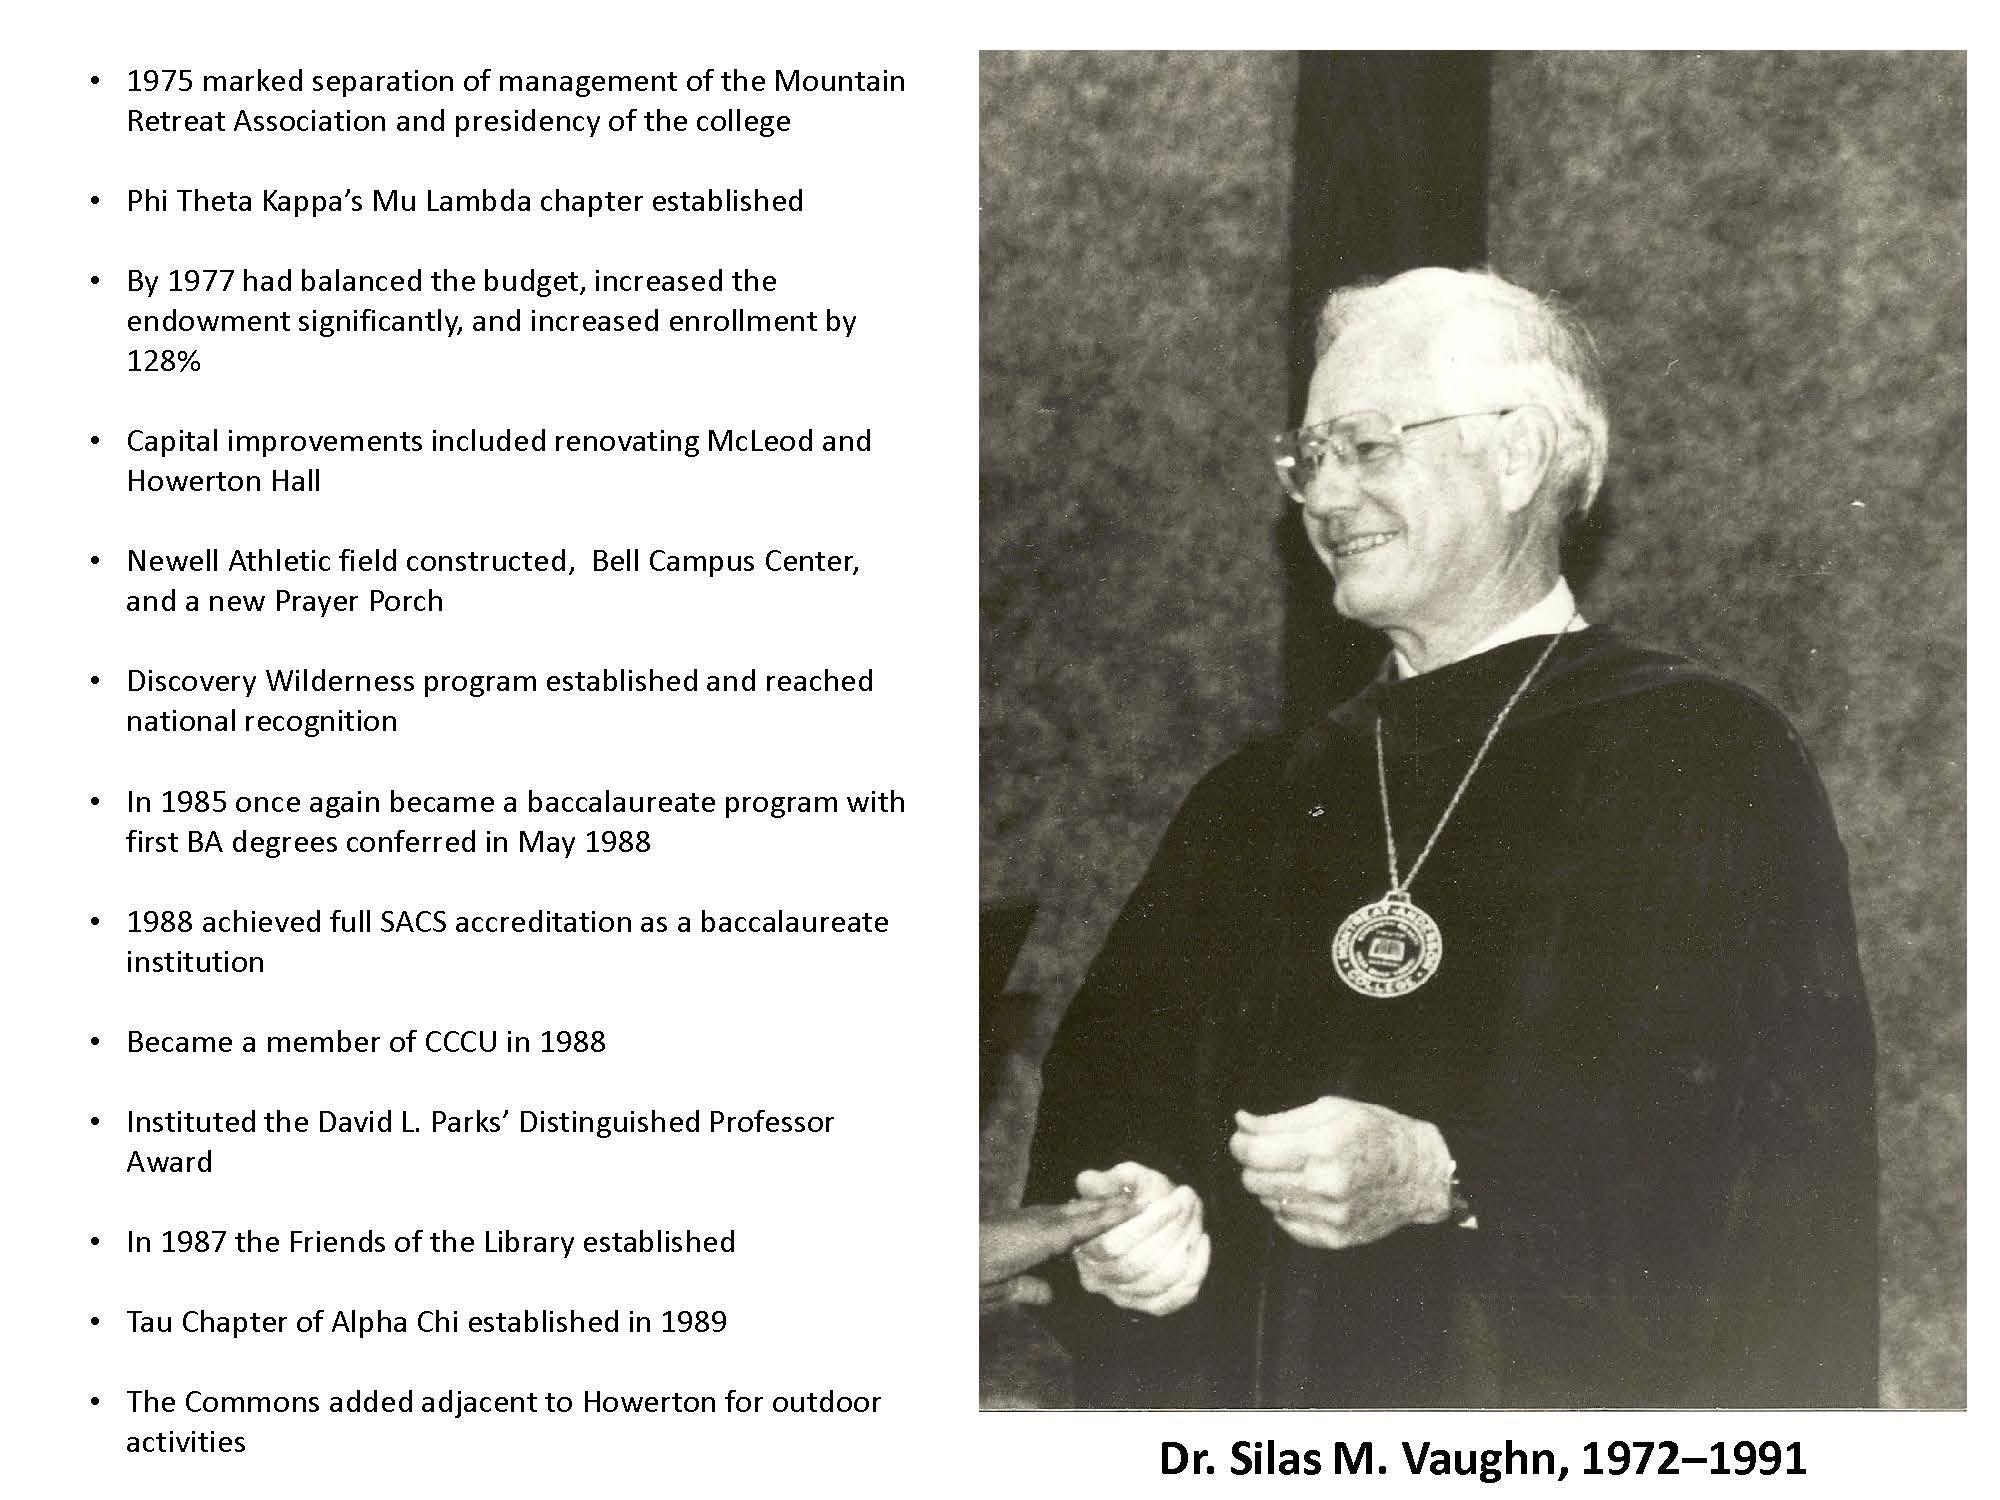 Dr. Silas M. Vaughn